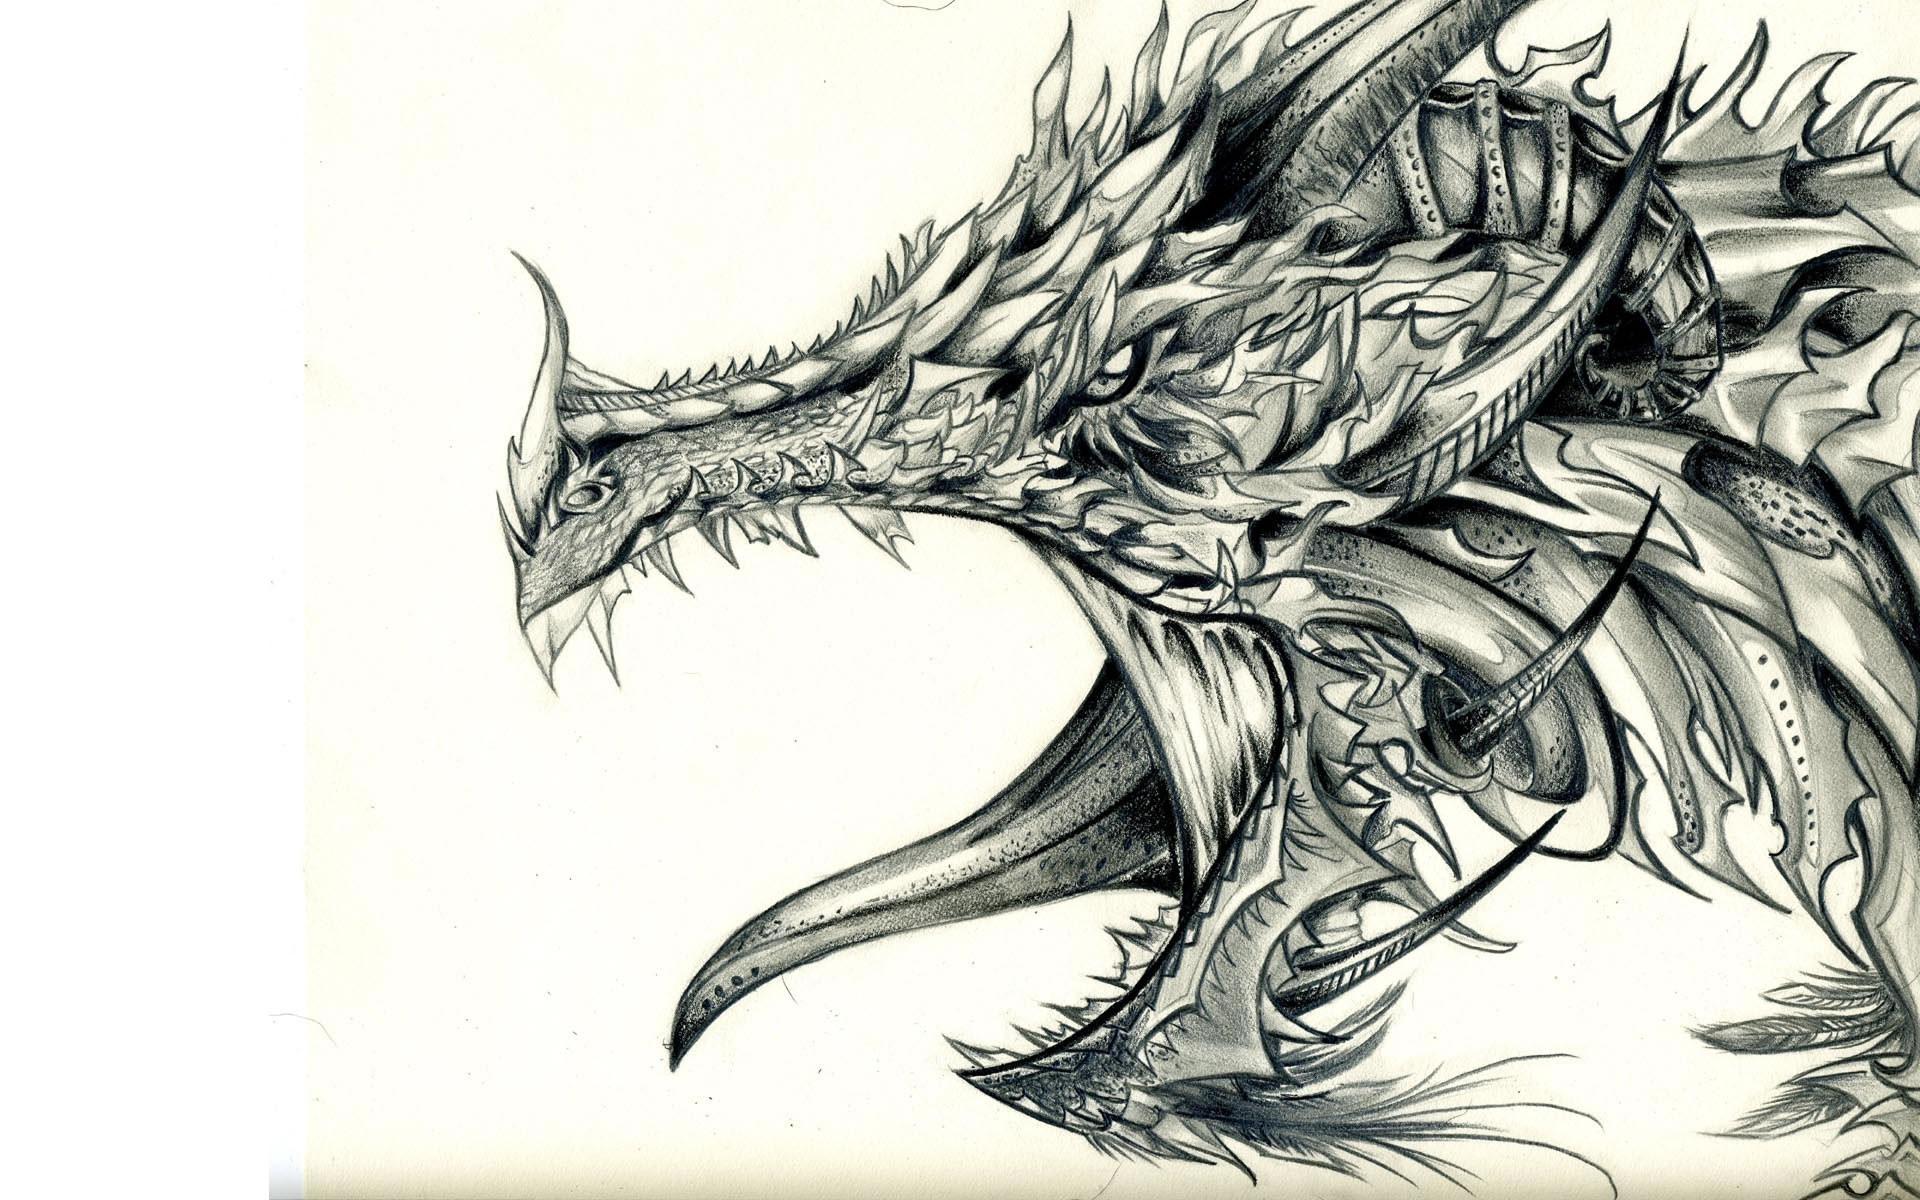 Sfondi disegno illustrazione fantasy art opera d arte